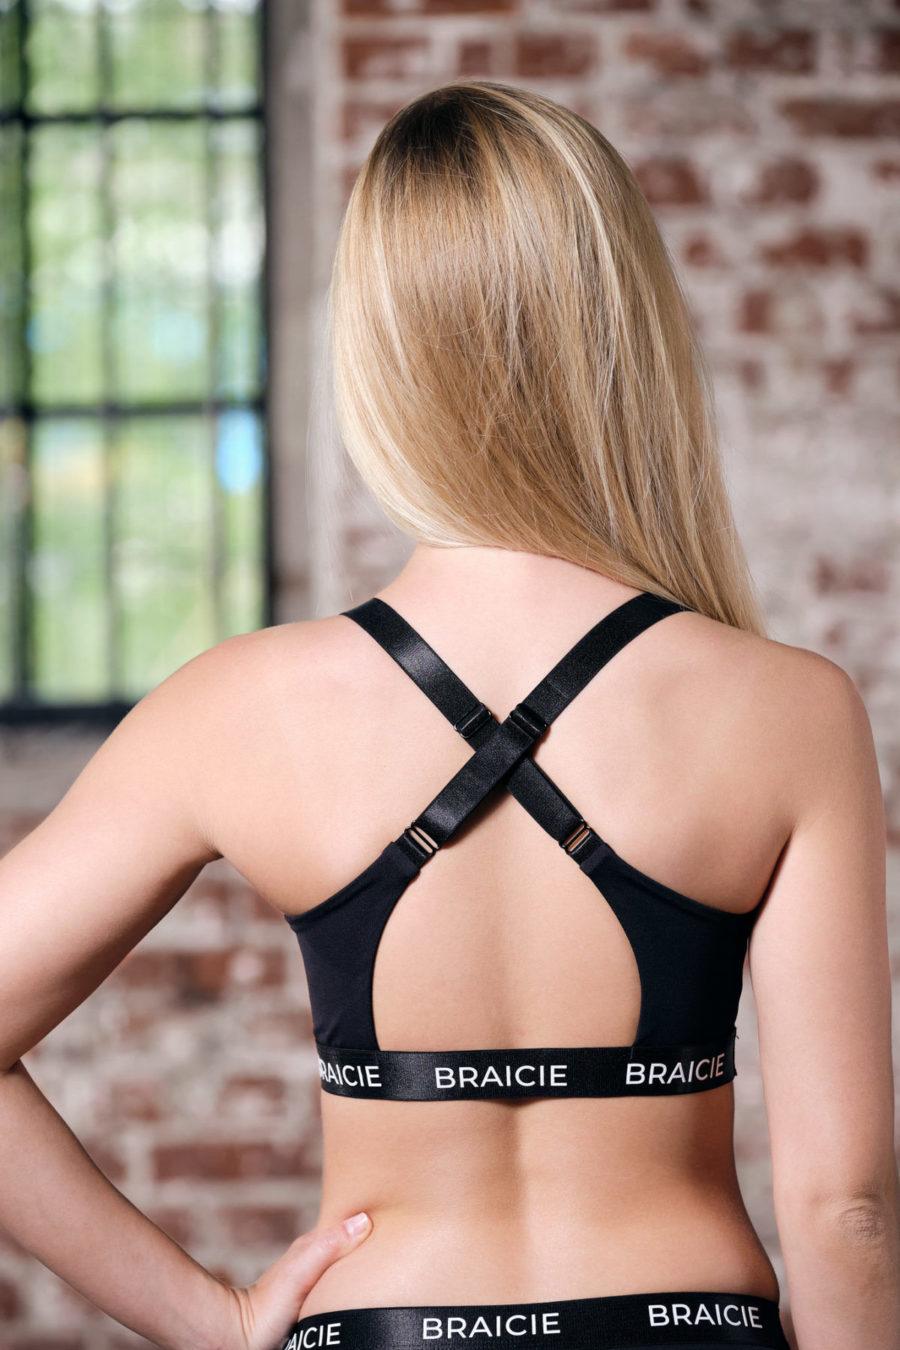 Rückenansicht einer Frau im BRAICIE Empower Sport-BH in schwarz